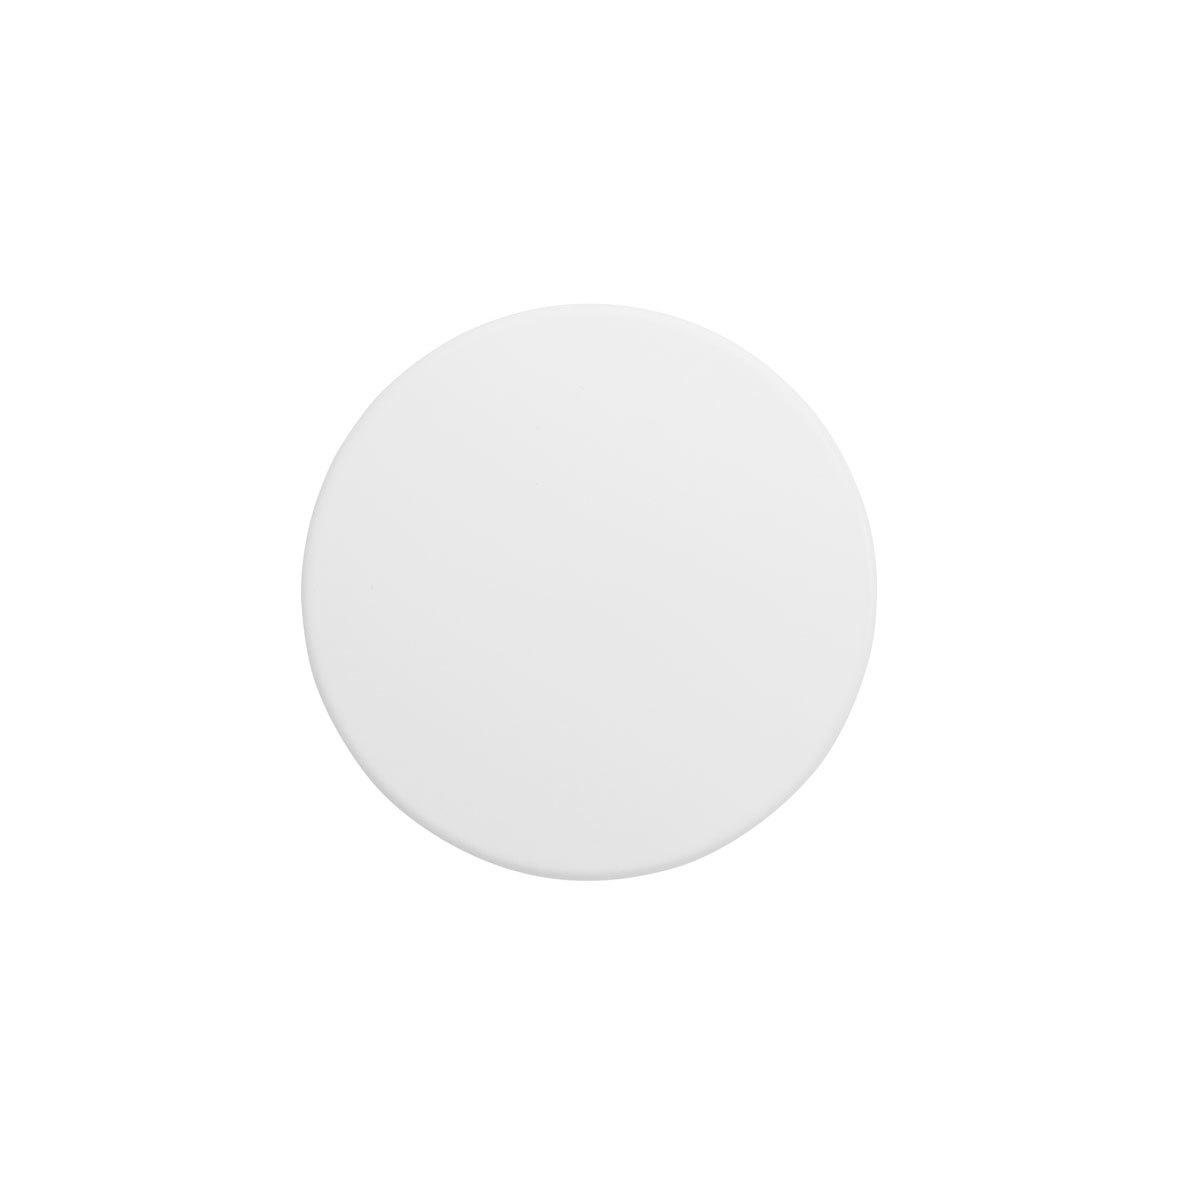 Контейнер для сыпучих продуктов с окном (1,4 л), Белый, арт. 306082 - фото 1